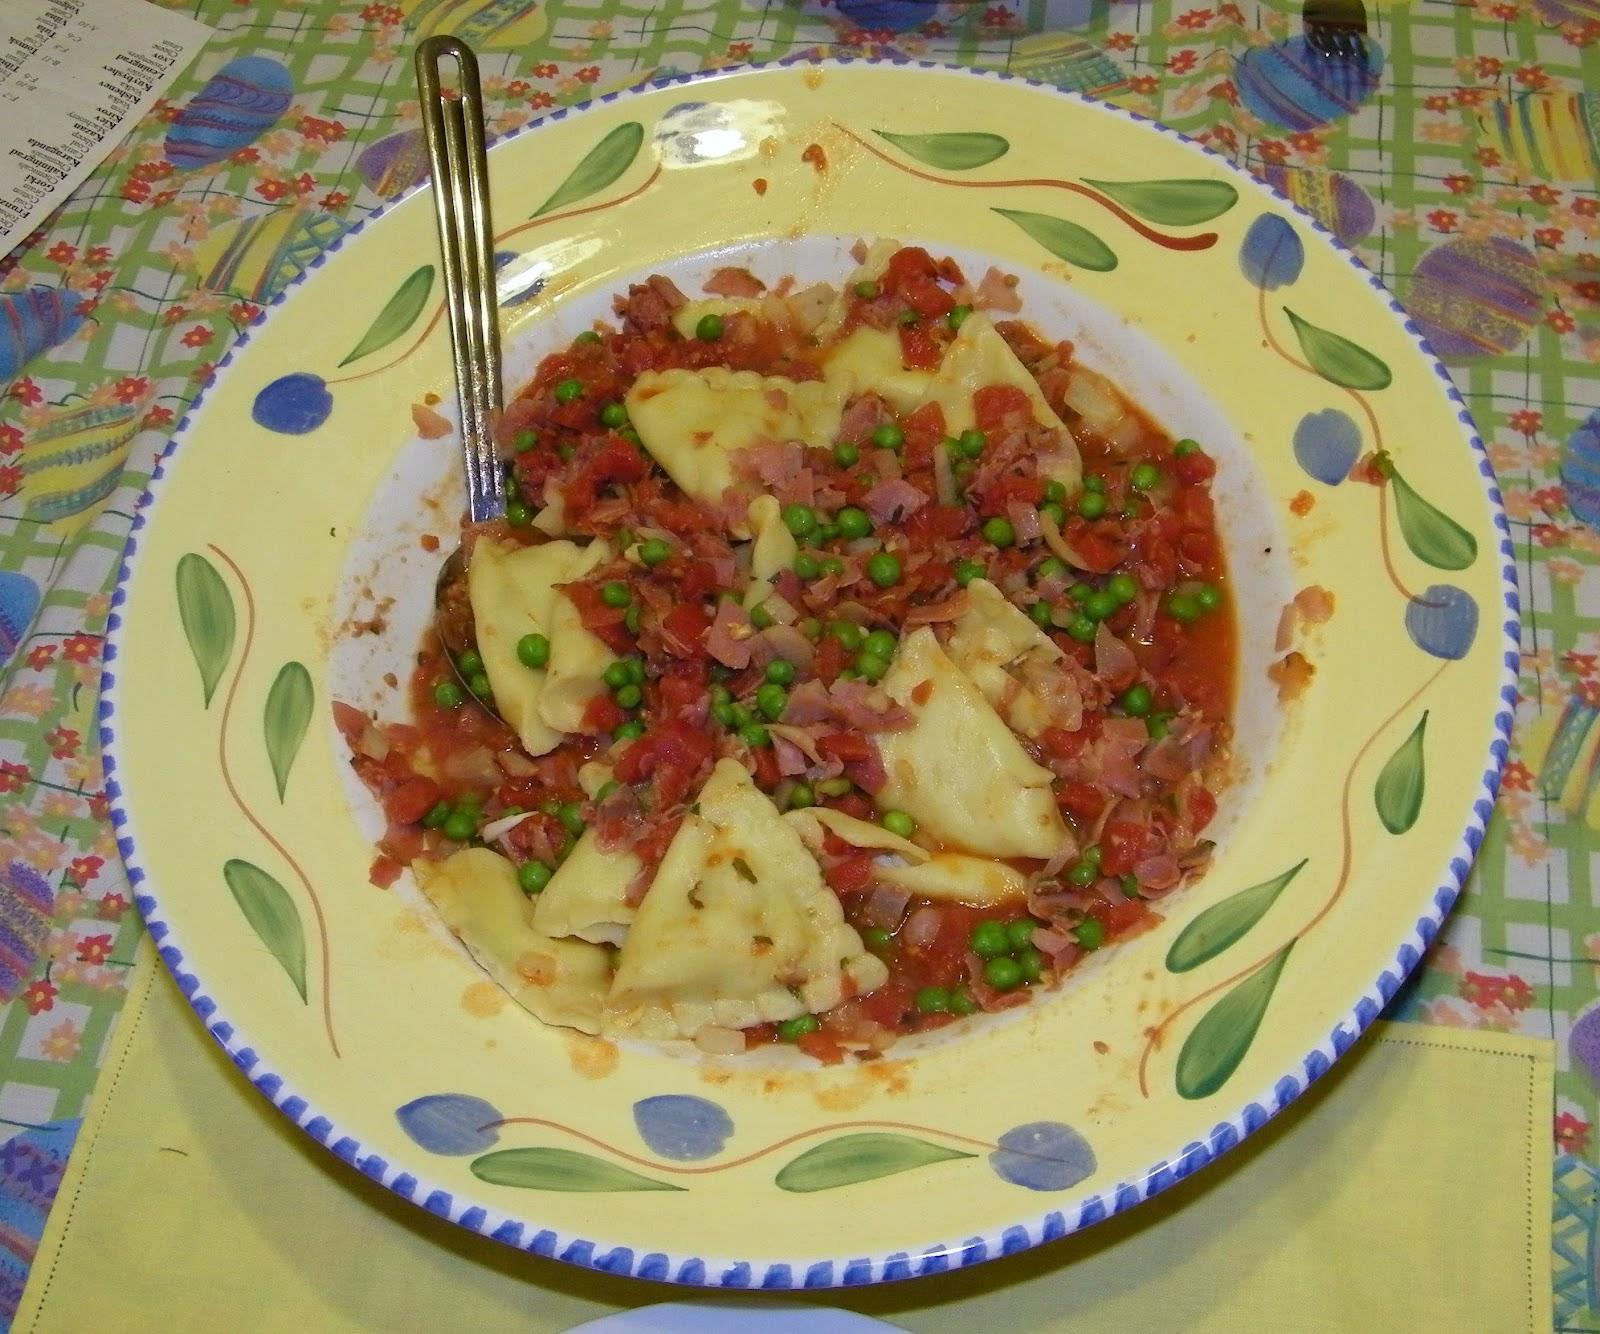 Costco Cuisine Pasta Prima Chicken Mozzarella Ravioli With Rachel Ray S Peas And Prosciutto Sauce